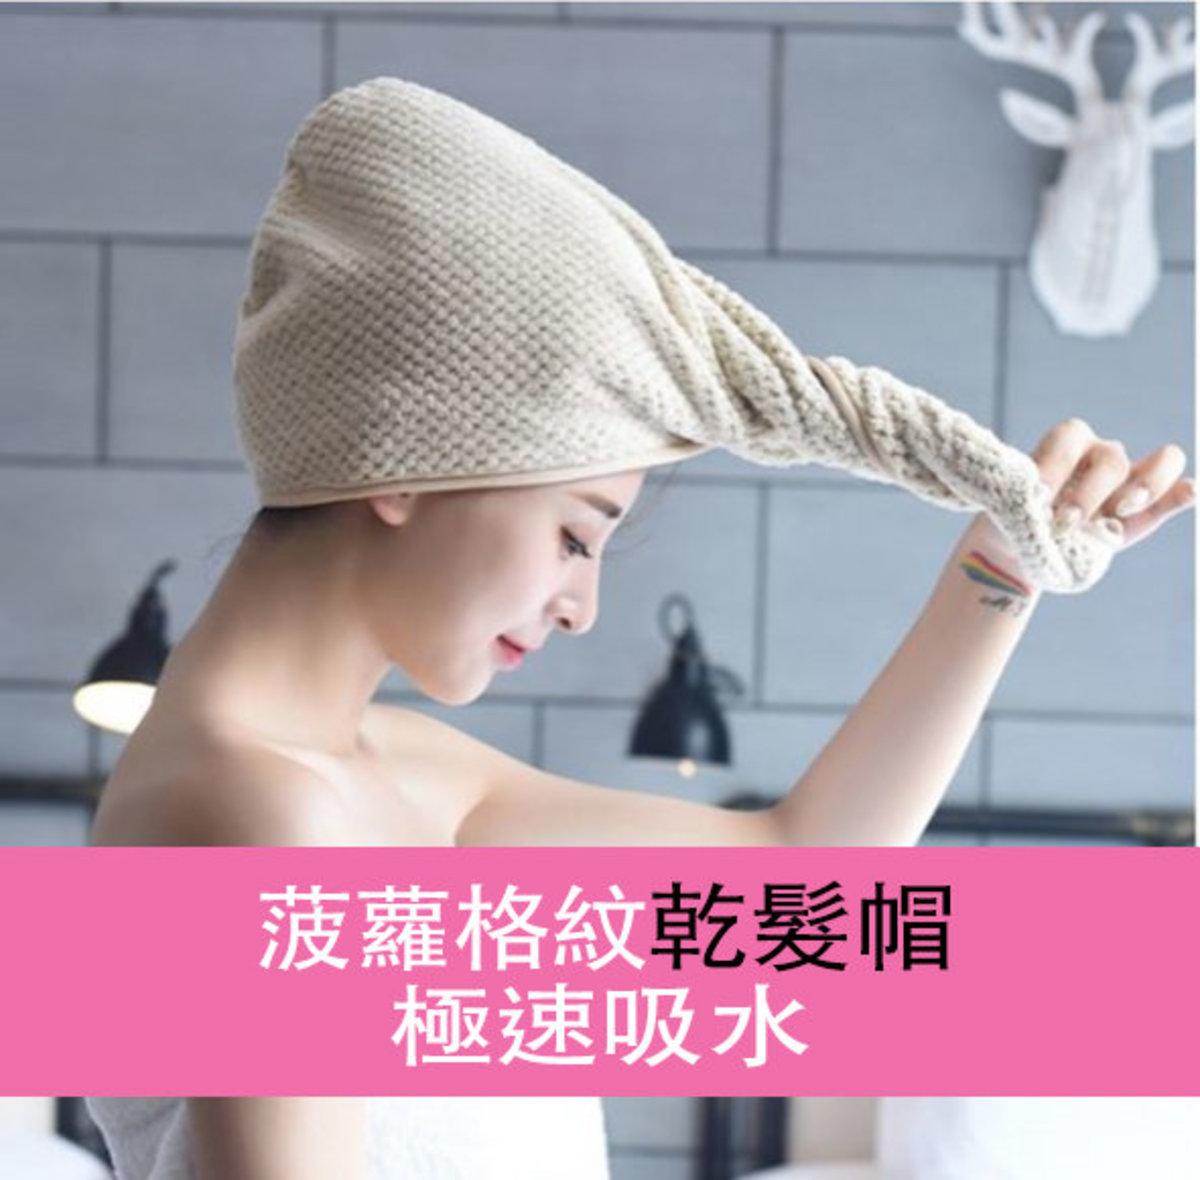 Speedy Hair Drying Towel - Beige